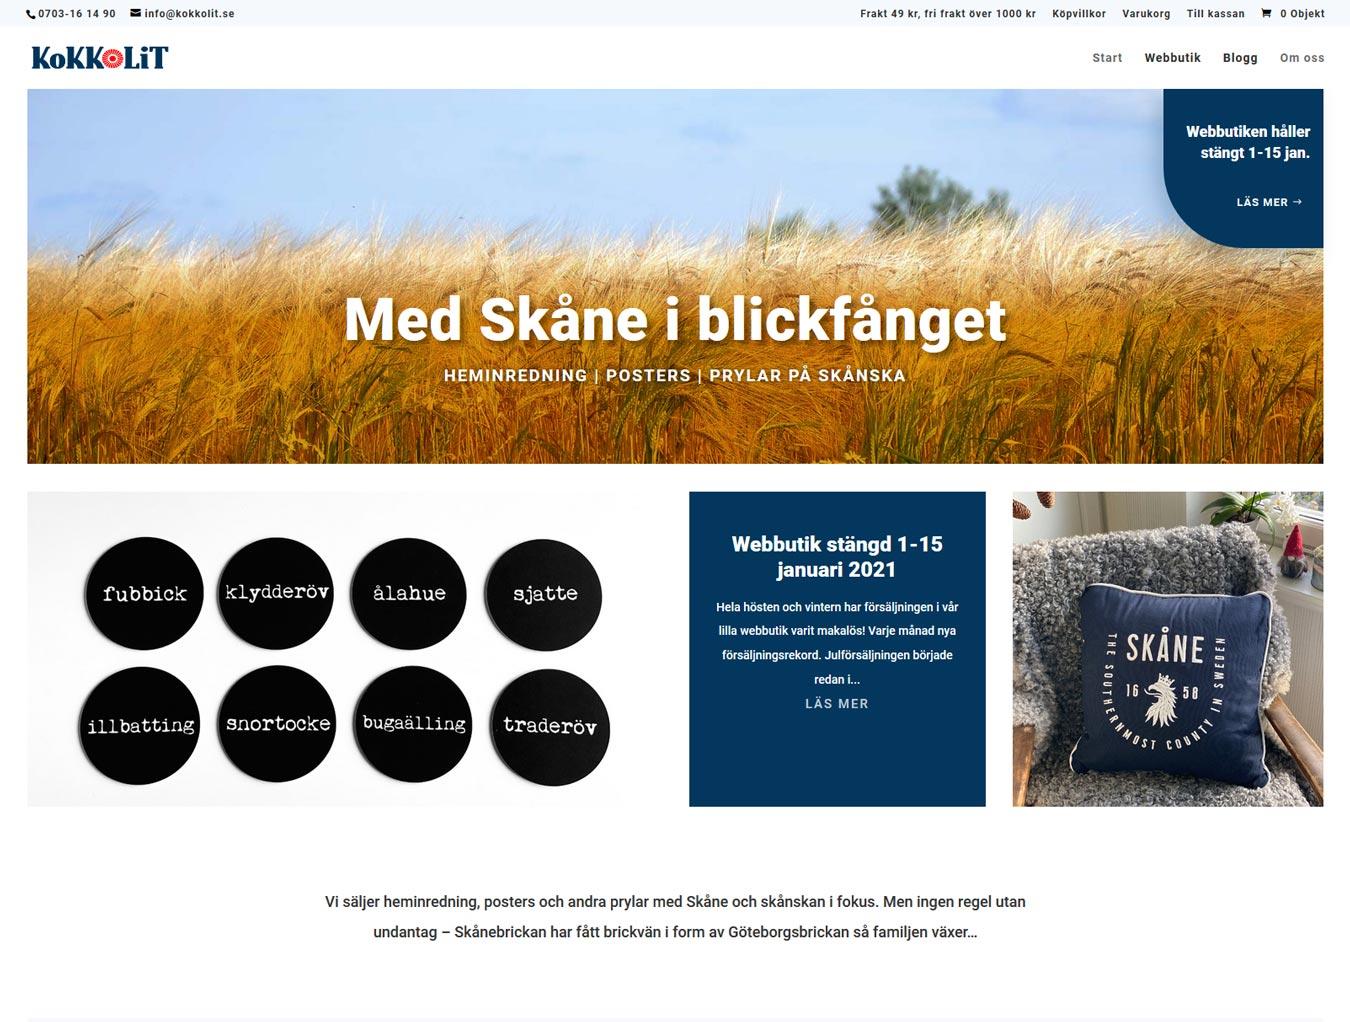 AS webstudio har designat om en befintlig webbutik